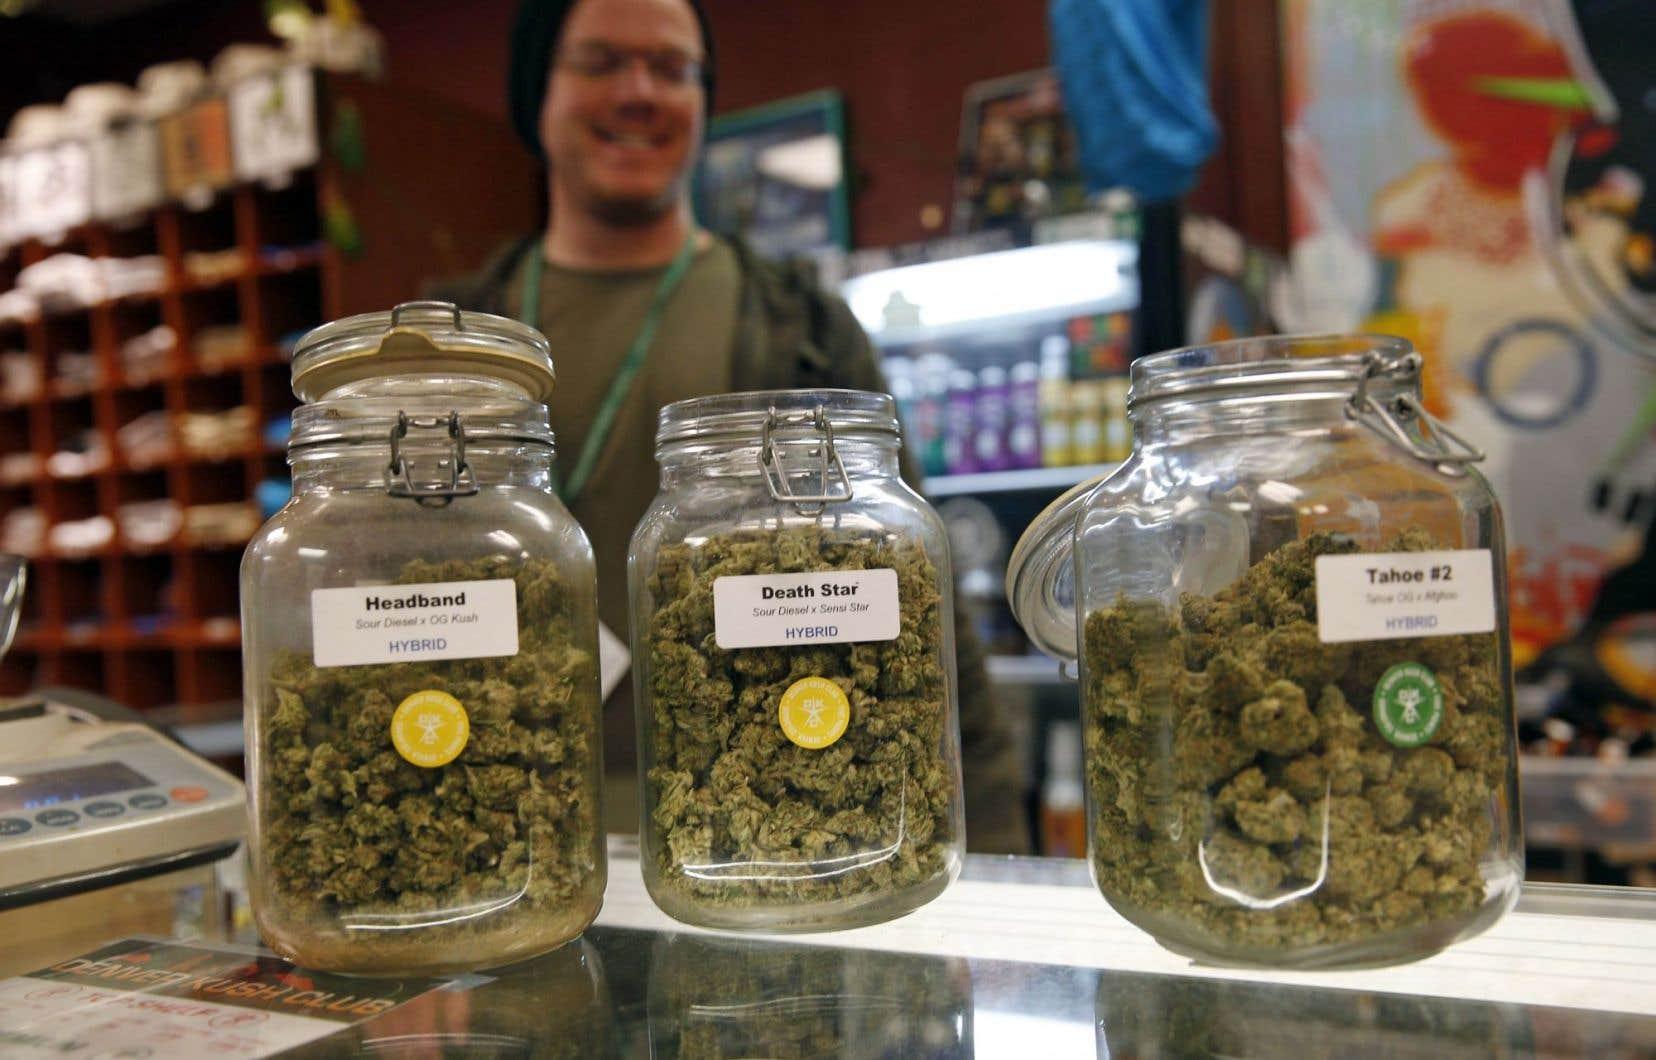 Des bocaux remplis de marijuana en vente au Colorado. Le choix des modalités de distribution au Québec est un débat prématuré, selon le ministre Leitão.